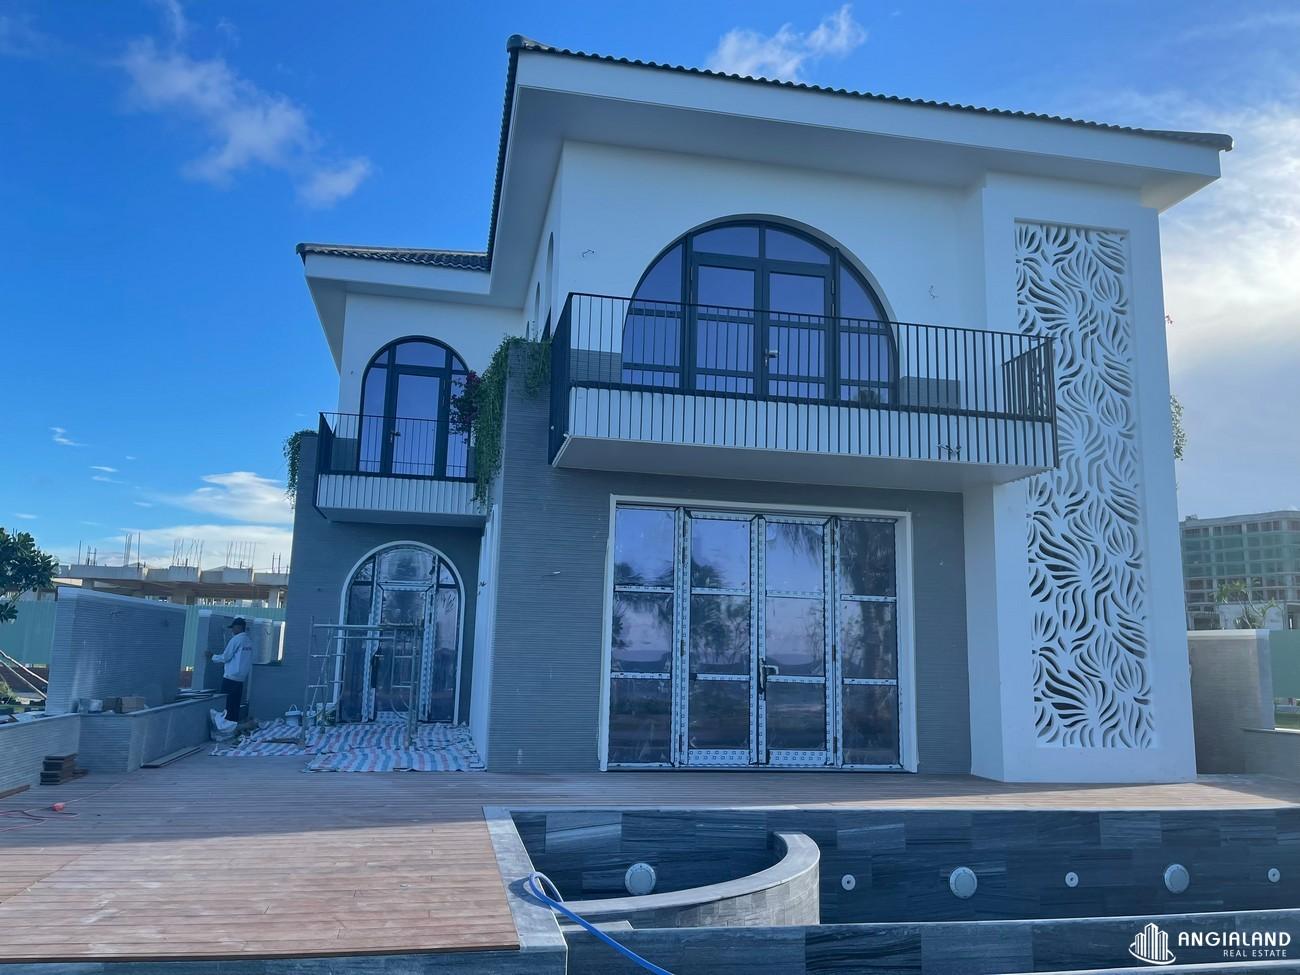 Tiến độ dự án căn hộ nghỉ dưỡng chung cư Grand Mercure Hội An Điện Bàn chủ đầu tư Xuân Phú Hải